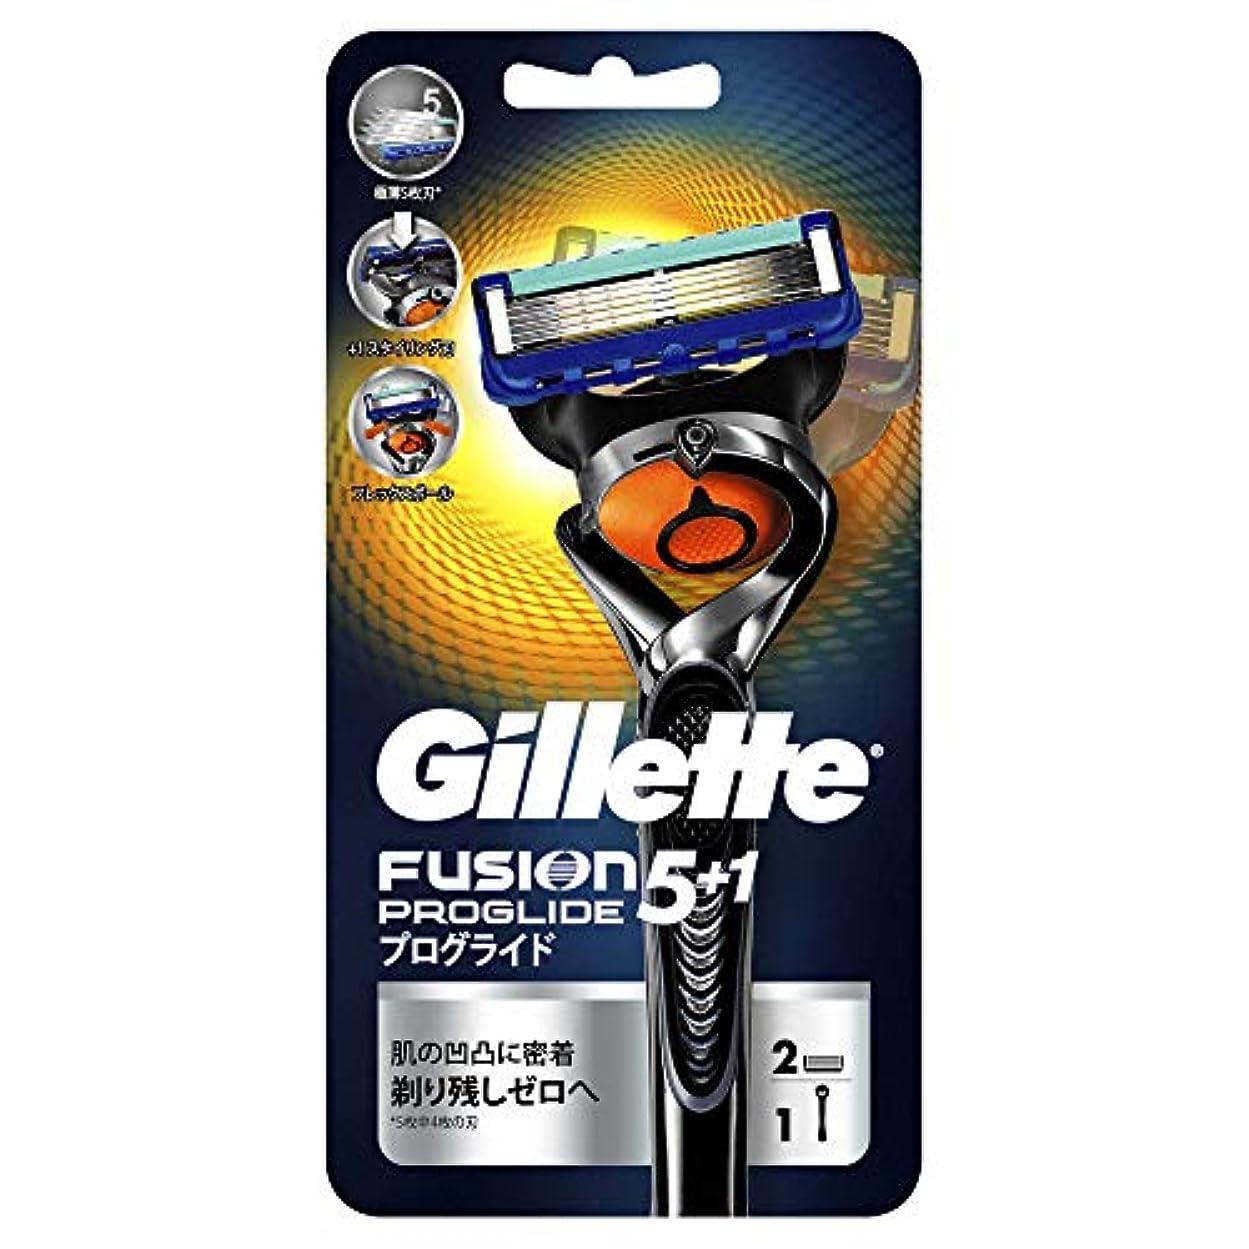 ほめる鋭く収束ジレット プログライド フレックスボール マニュアル 髭剃り 本体 替刃2個付